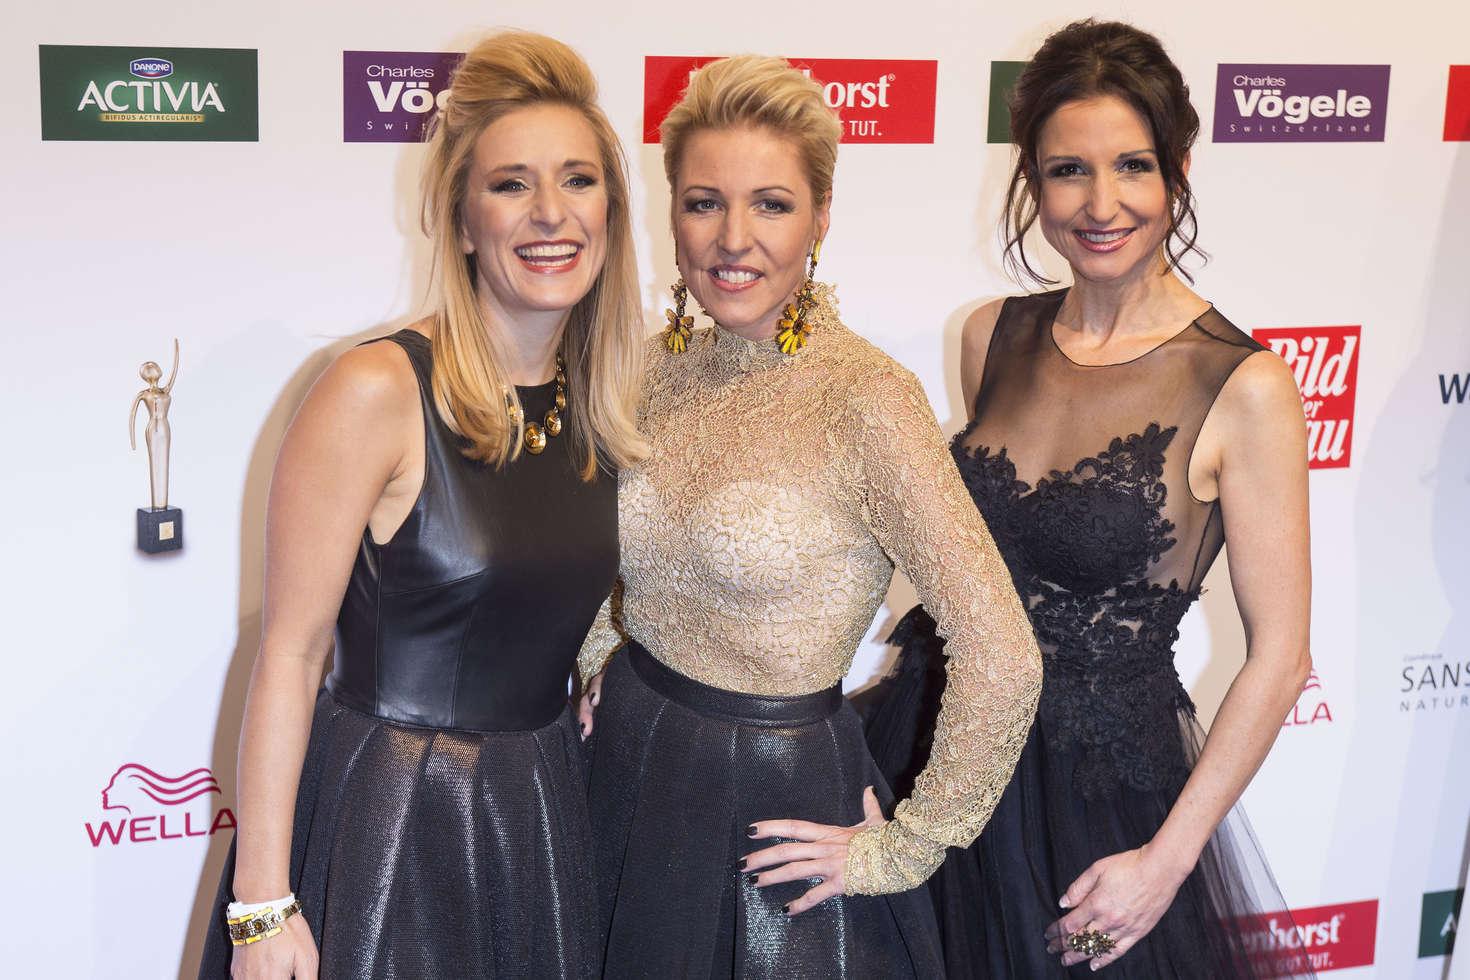 Stefanie Hertel Alexandra Geiger and Anita Hofmann: Die Goldene Bild der Frau Awards 2016